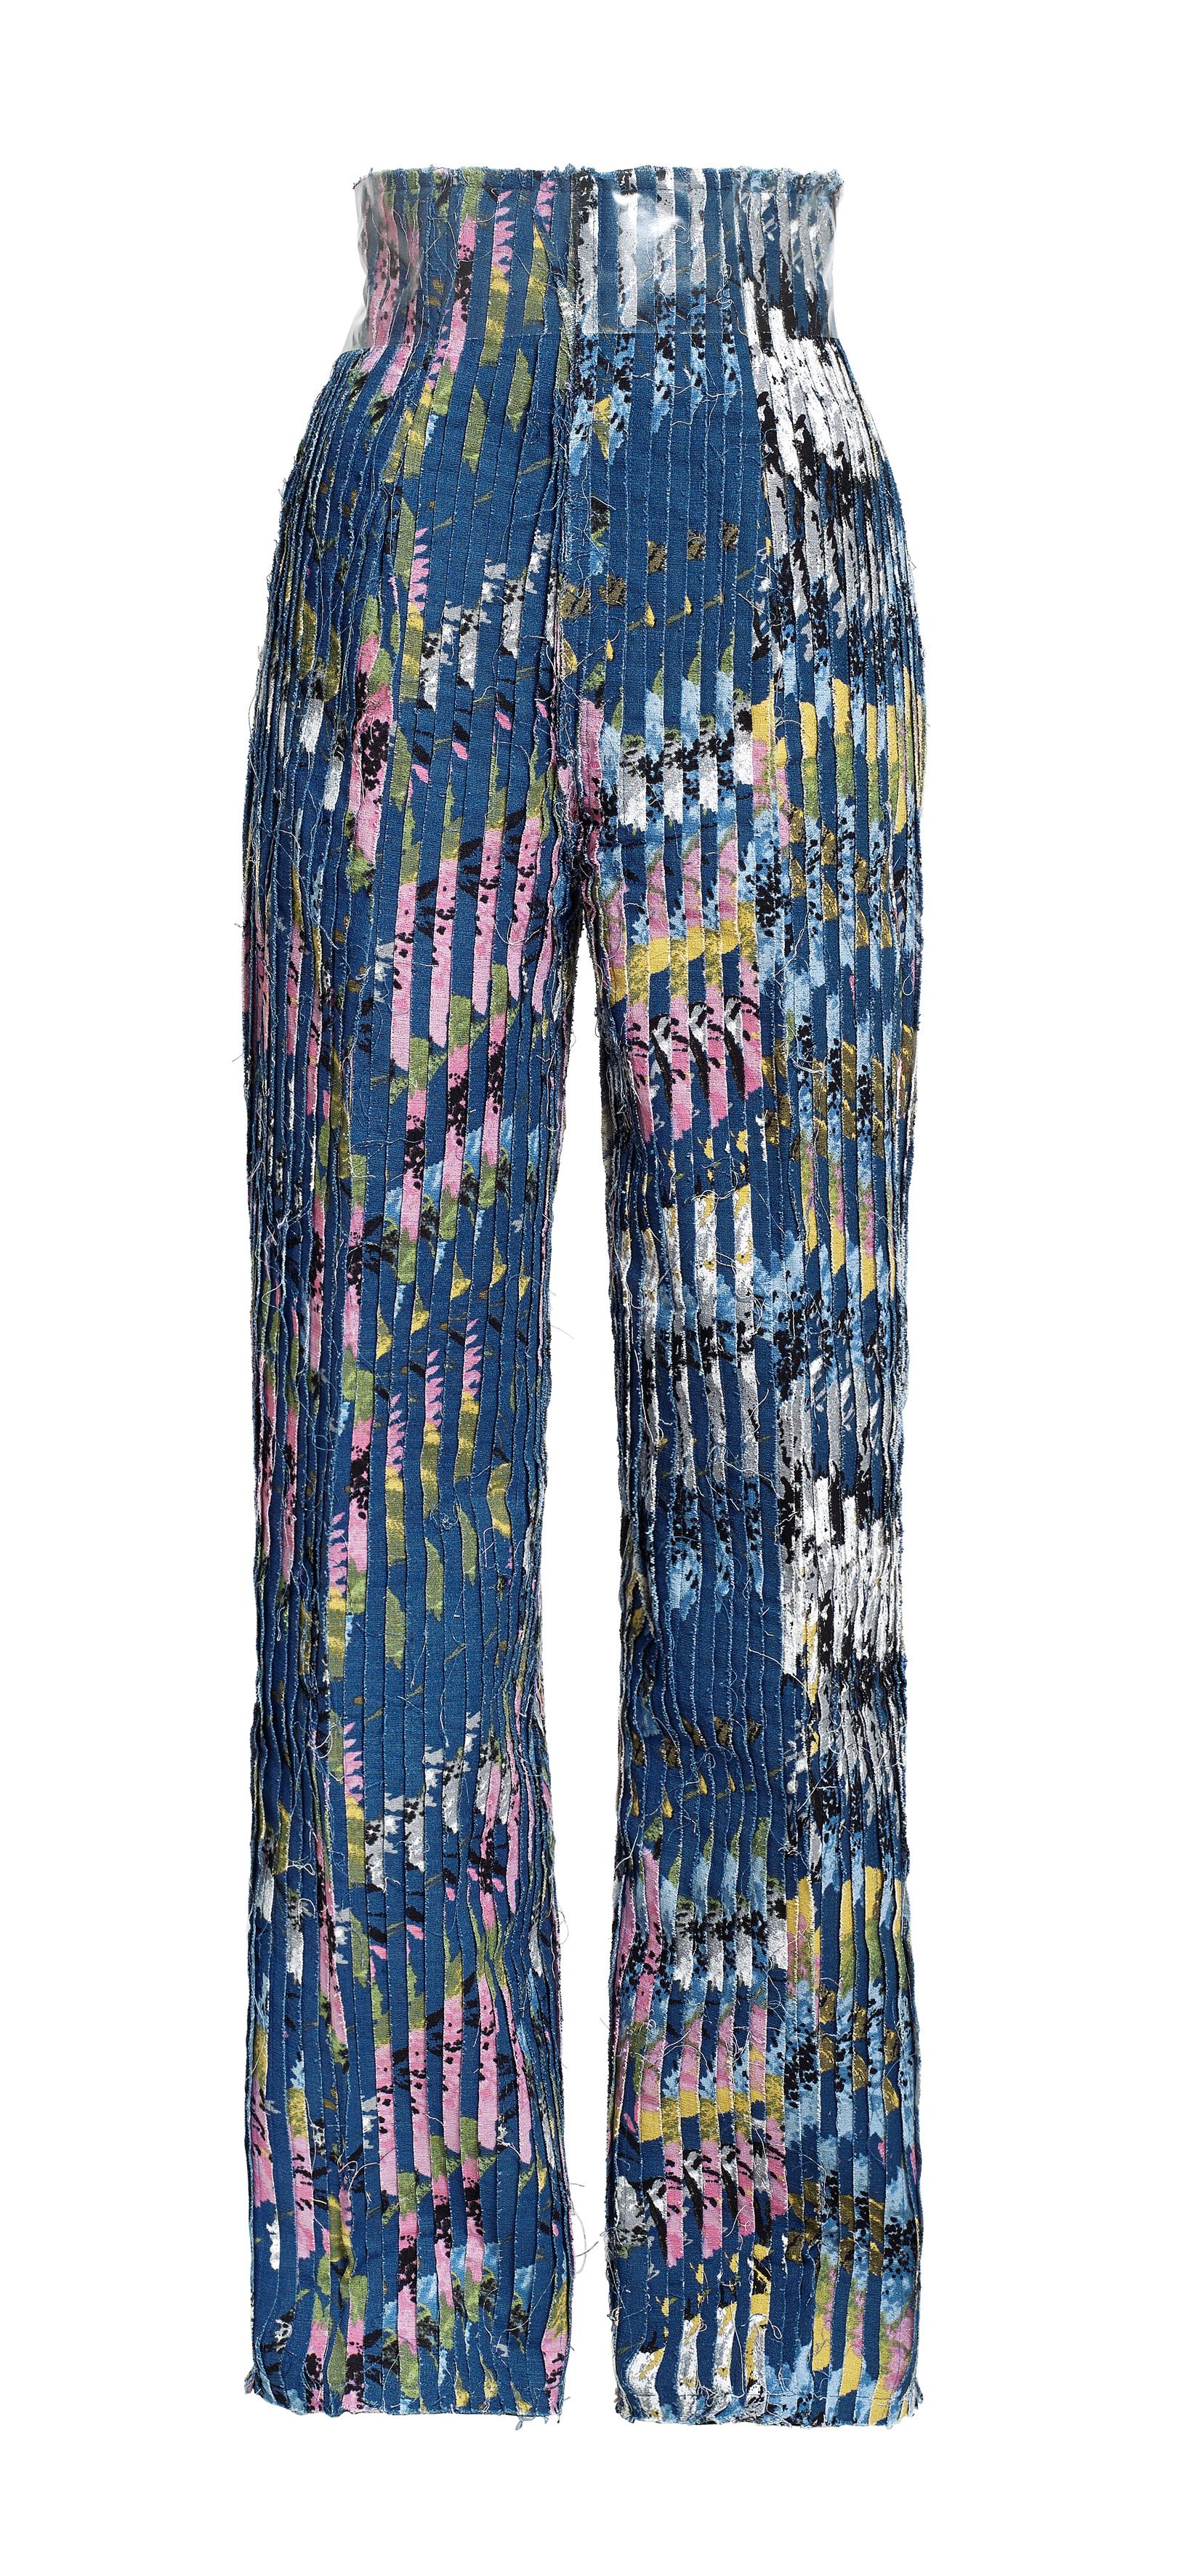 h m hennes mauritz ab in H&m eli hennes & mauritz (täydelliseltä nimeltään h & m hennes & mauritz ab (publ)) on ruotsalainen kansainvälisesti toimiva vähittäiskaupan konserni, jonka valikoimissa on naisten, miesten ja lasten vaatteita sekä kosmetiikkaa sekä vuodesta 2009 kodintekstiilejä (h&m home.